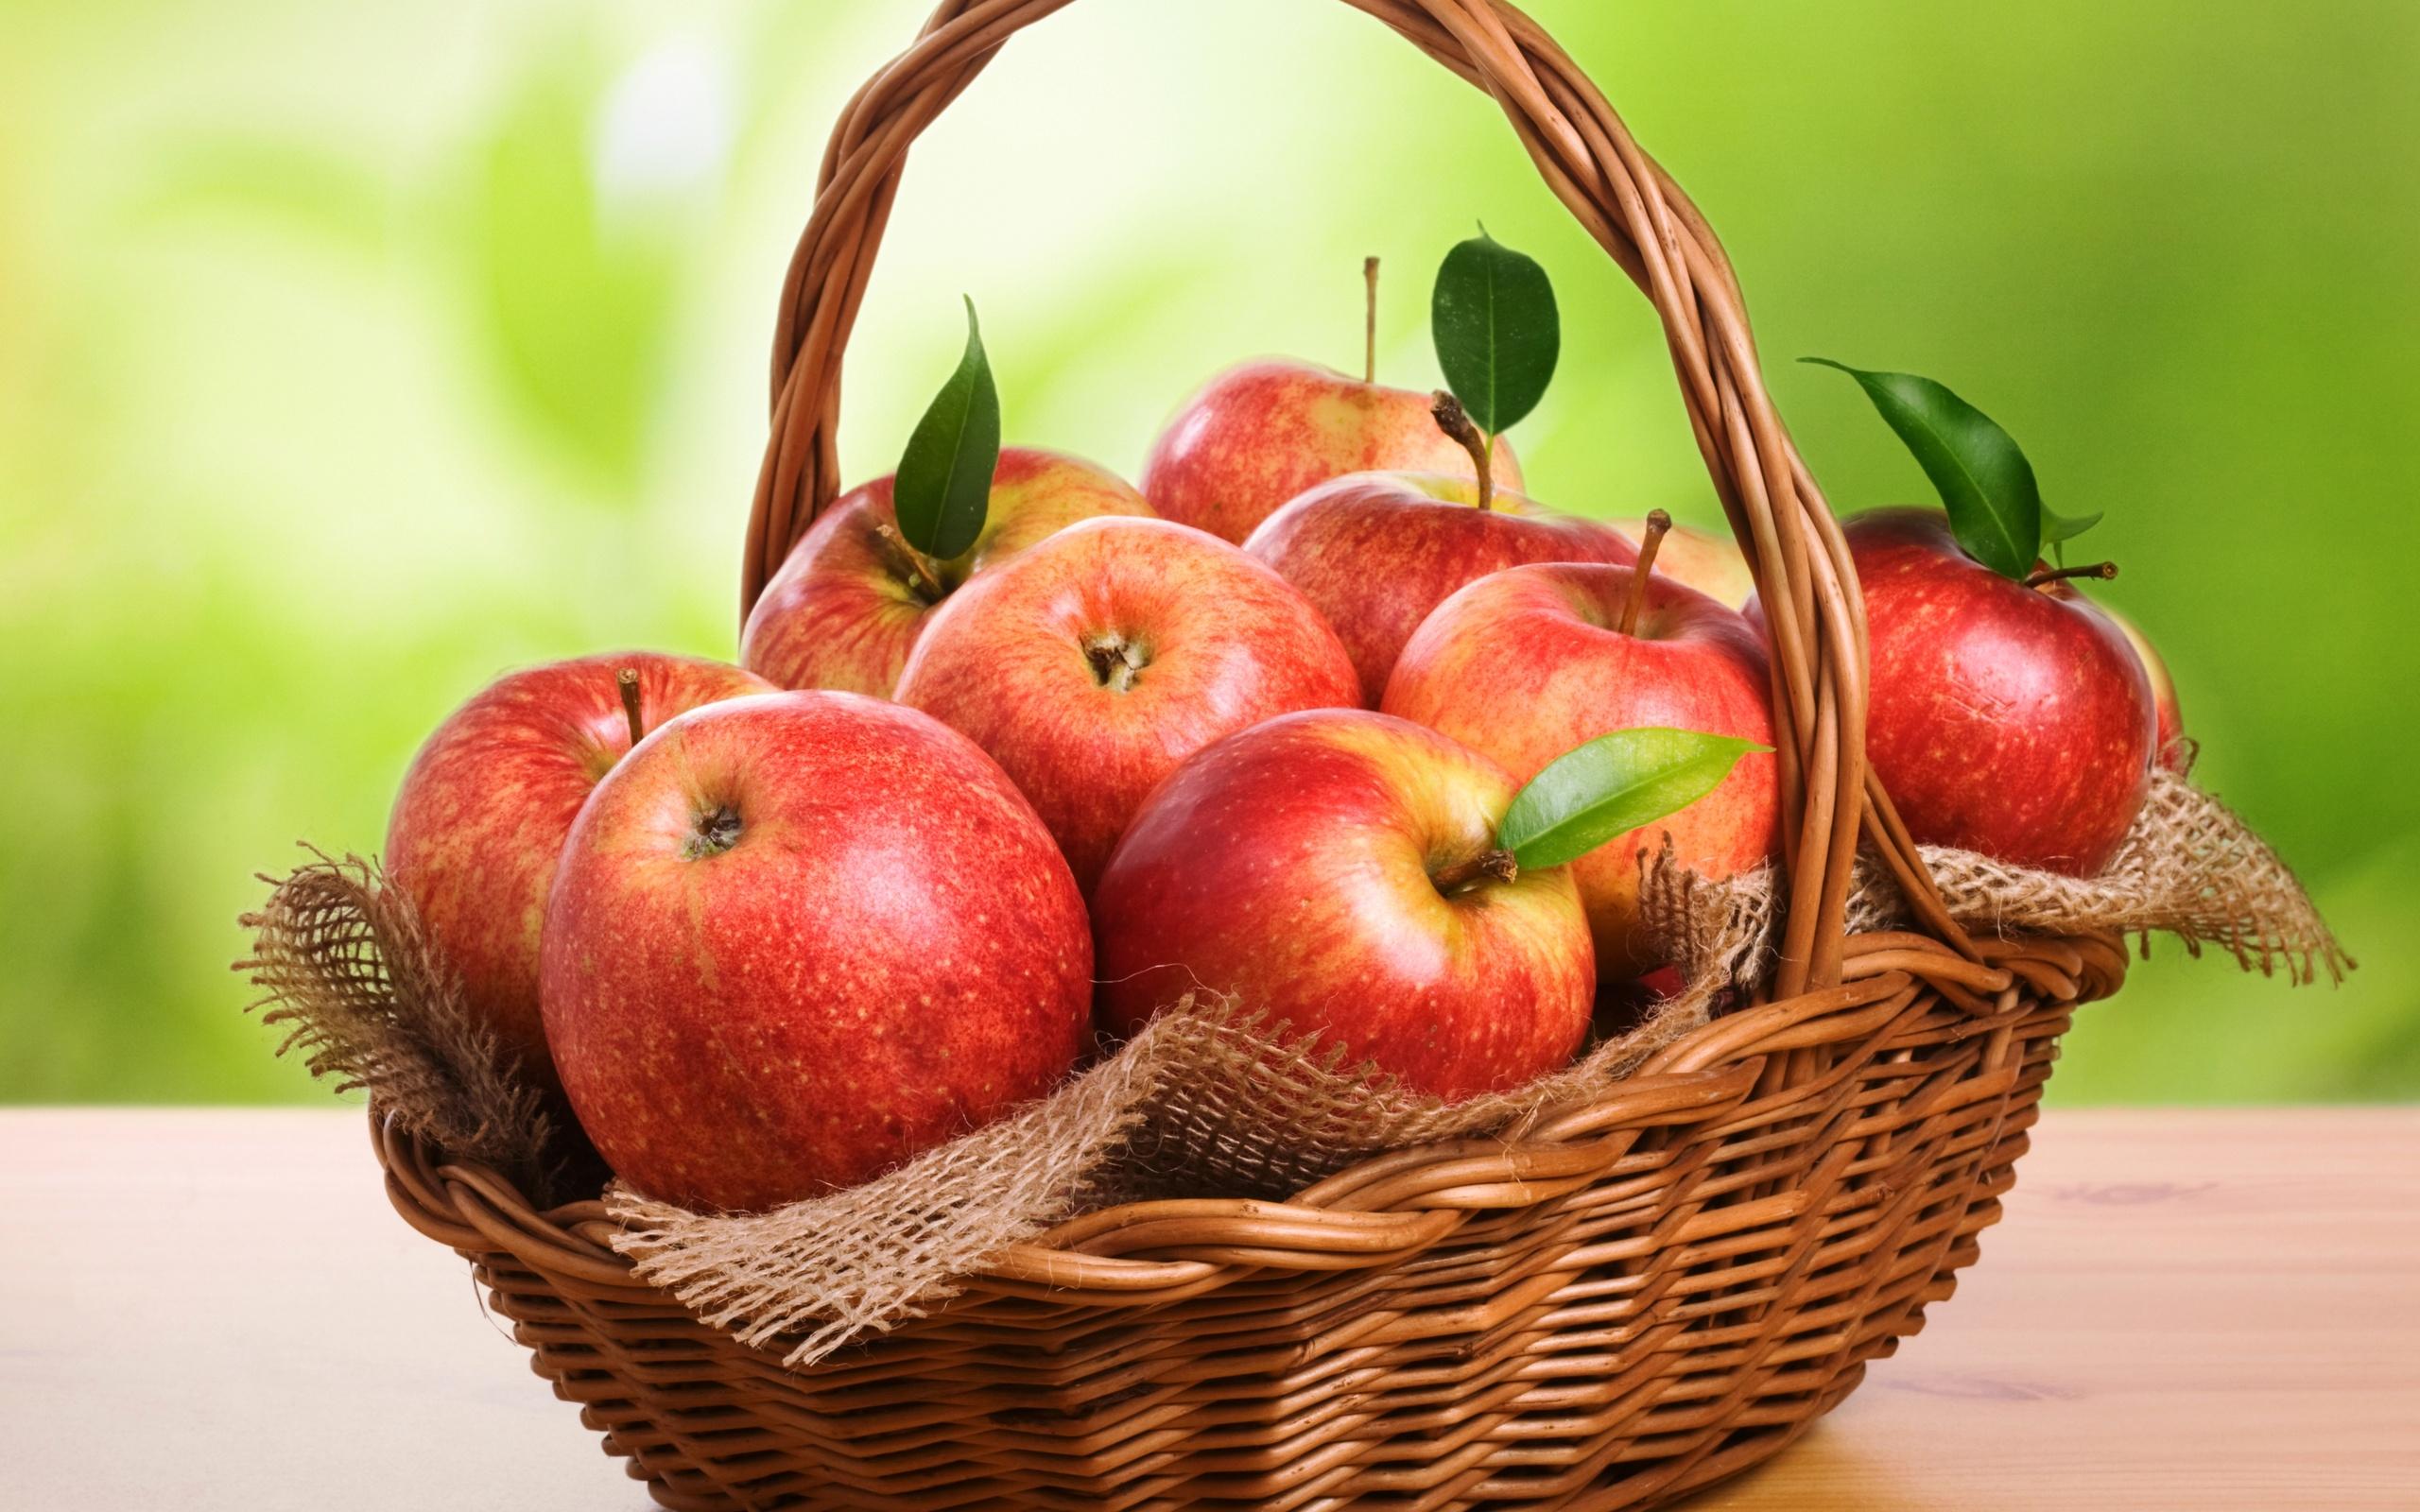 Картинка на рабочий стол яблоки во весь экран хорошее качество